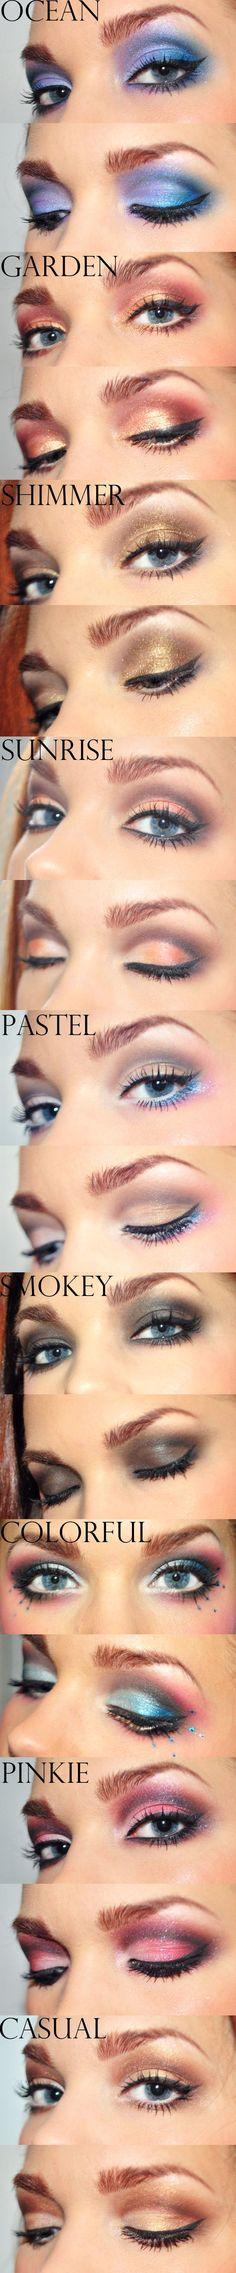 Eyeshadow Variety!